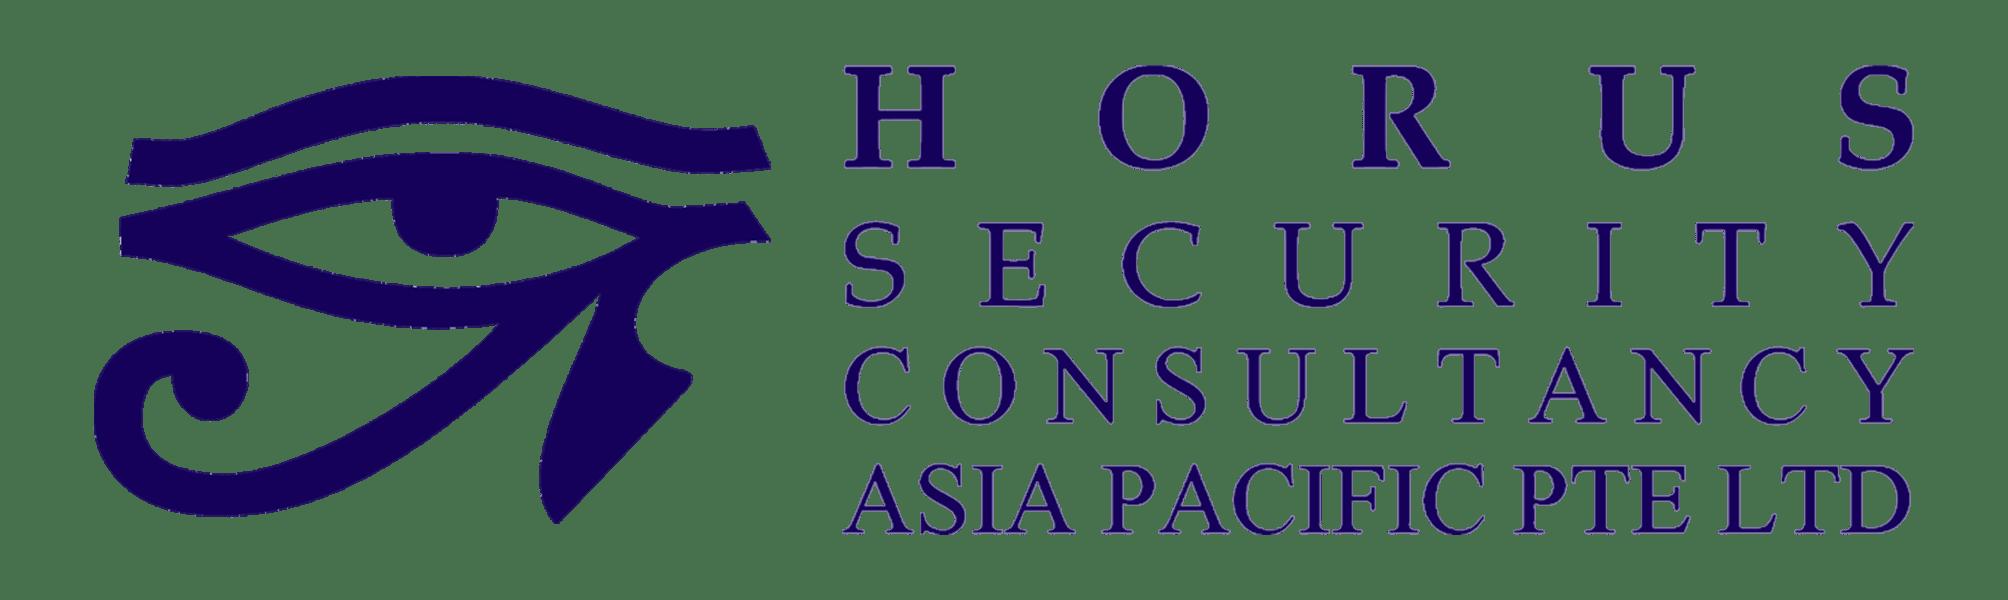 Horus Asia Pacific